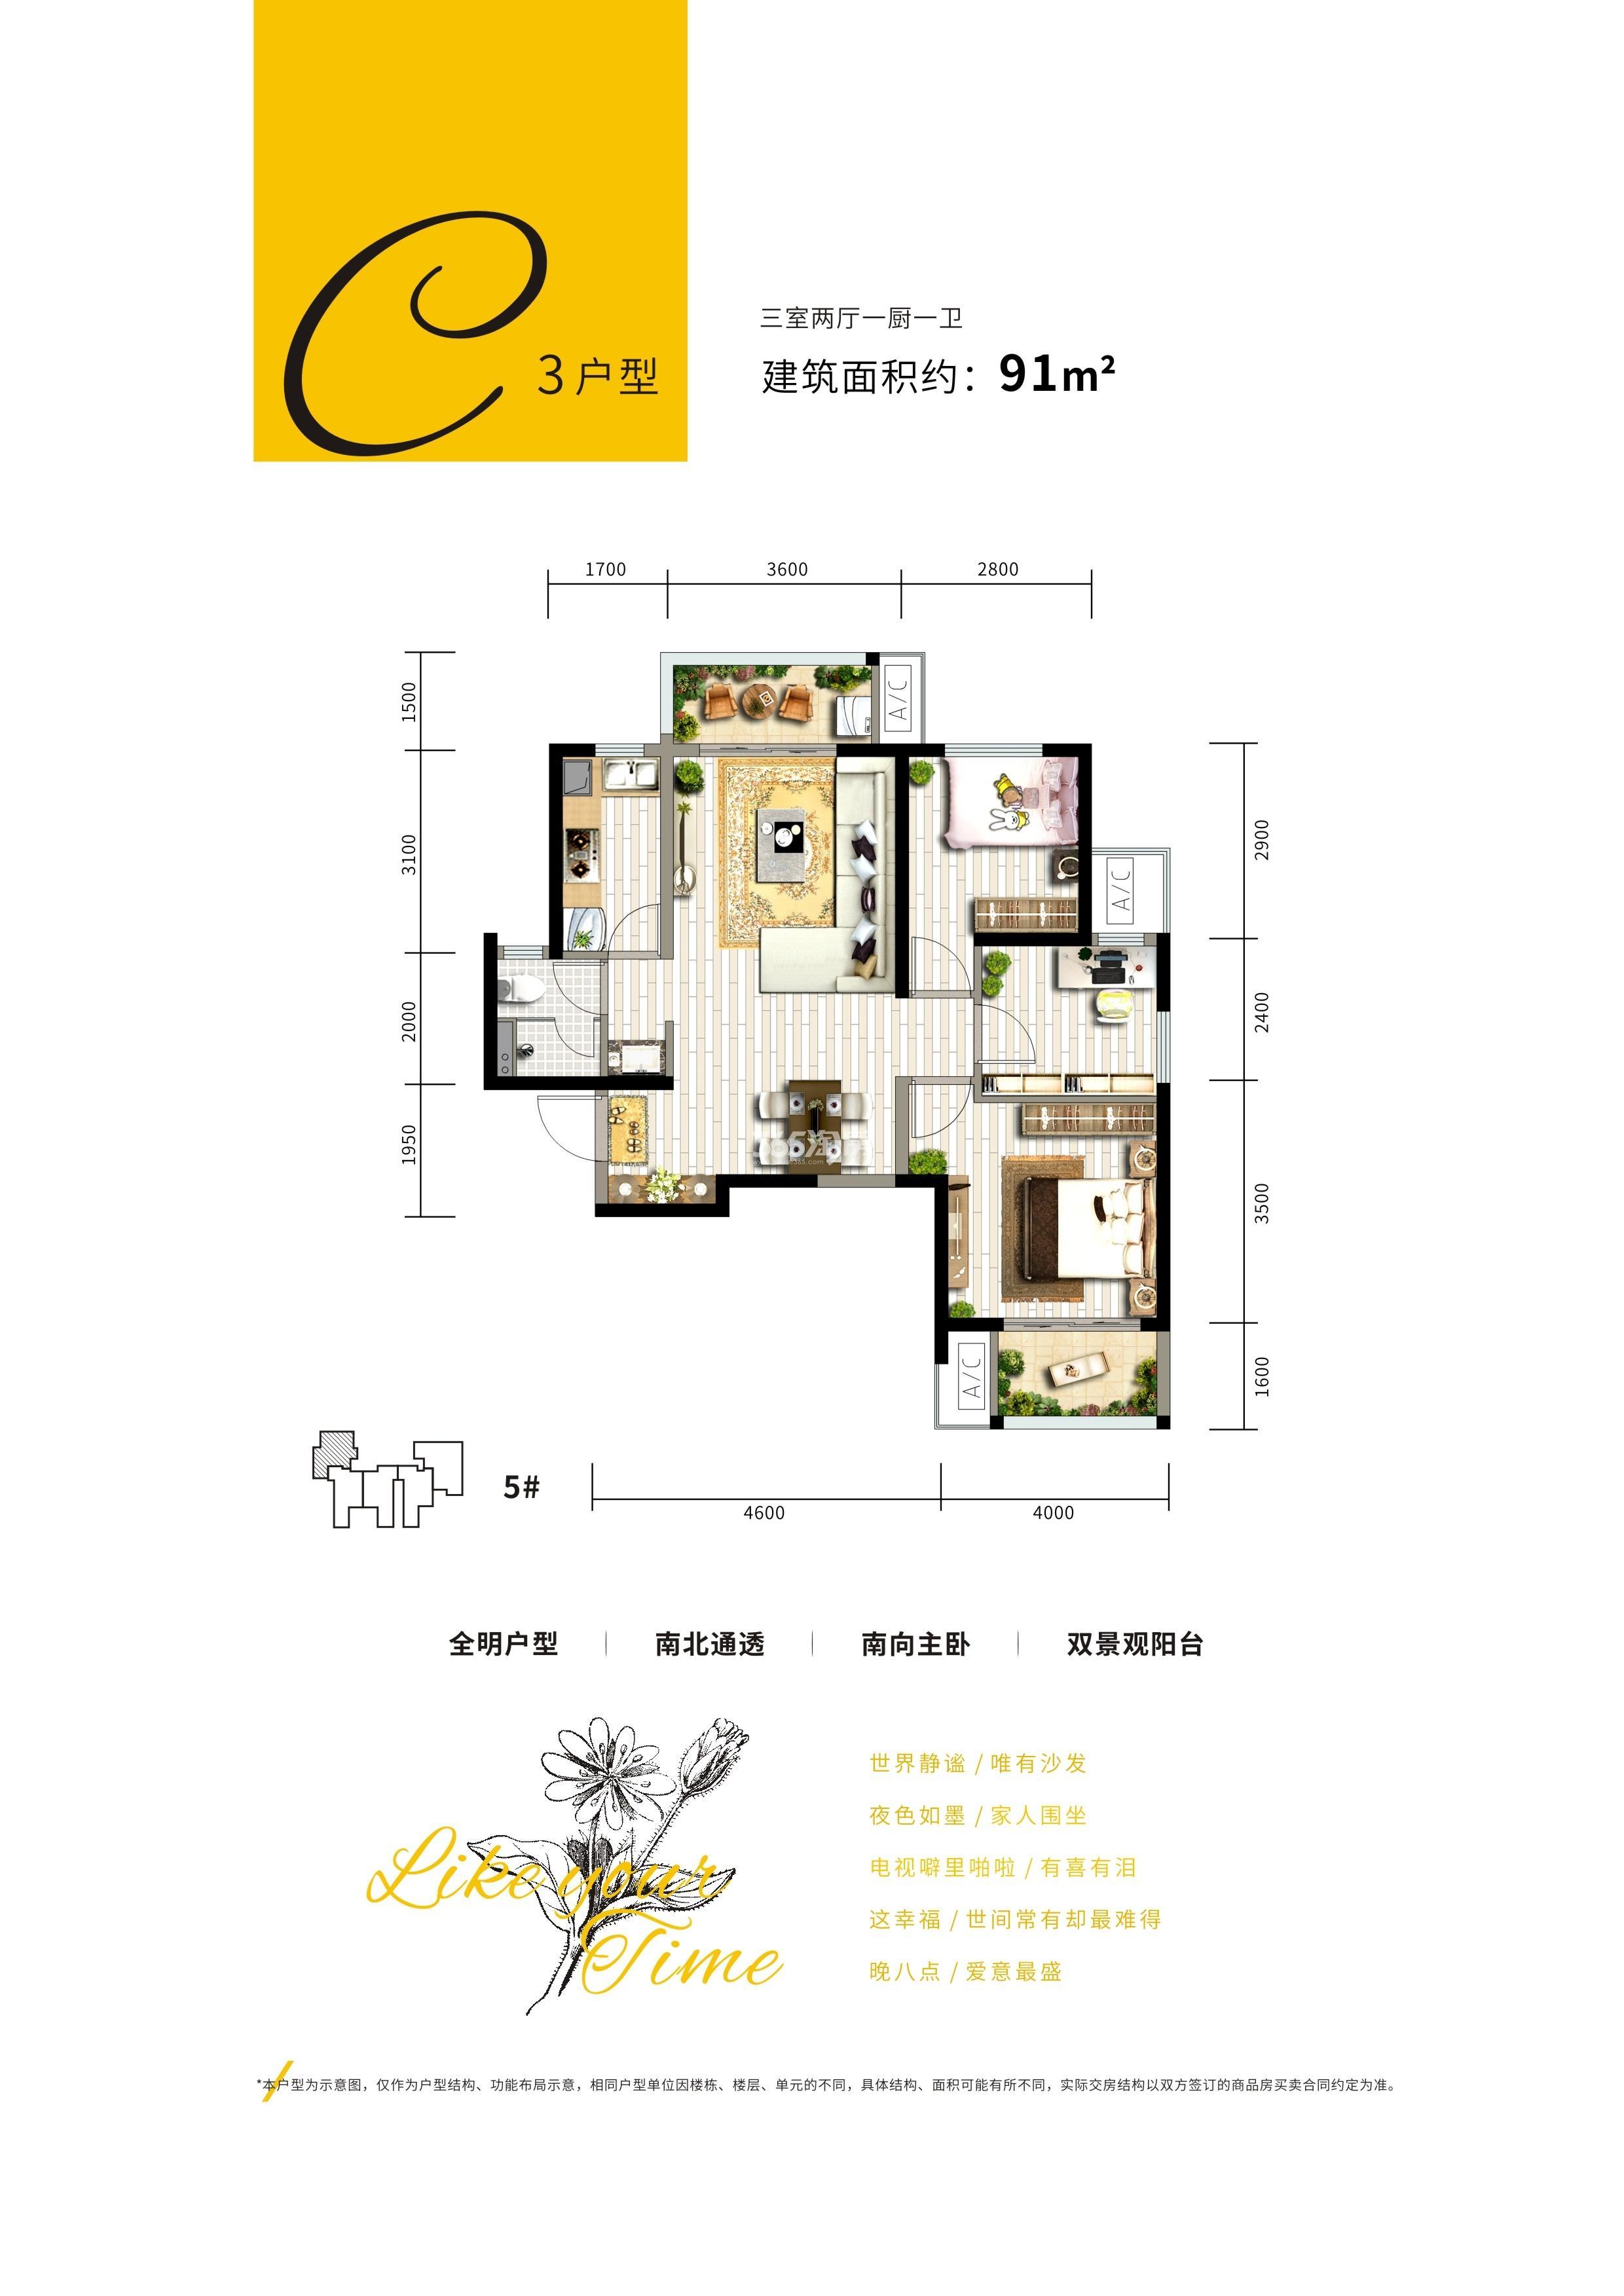 华远海蓝城6期C3户型3室2厅一厨一卫91㎡